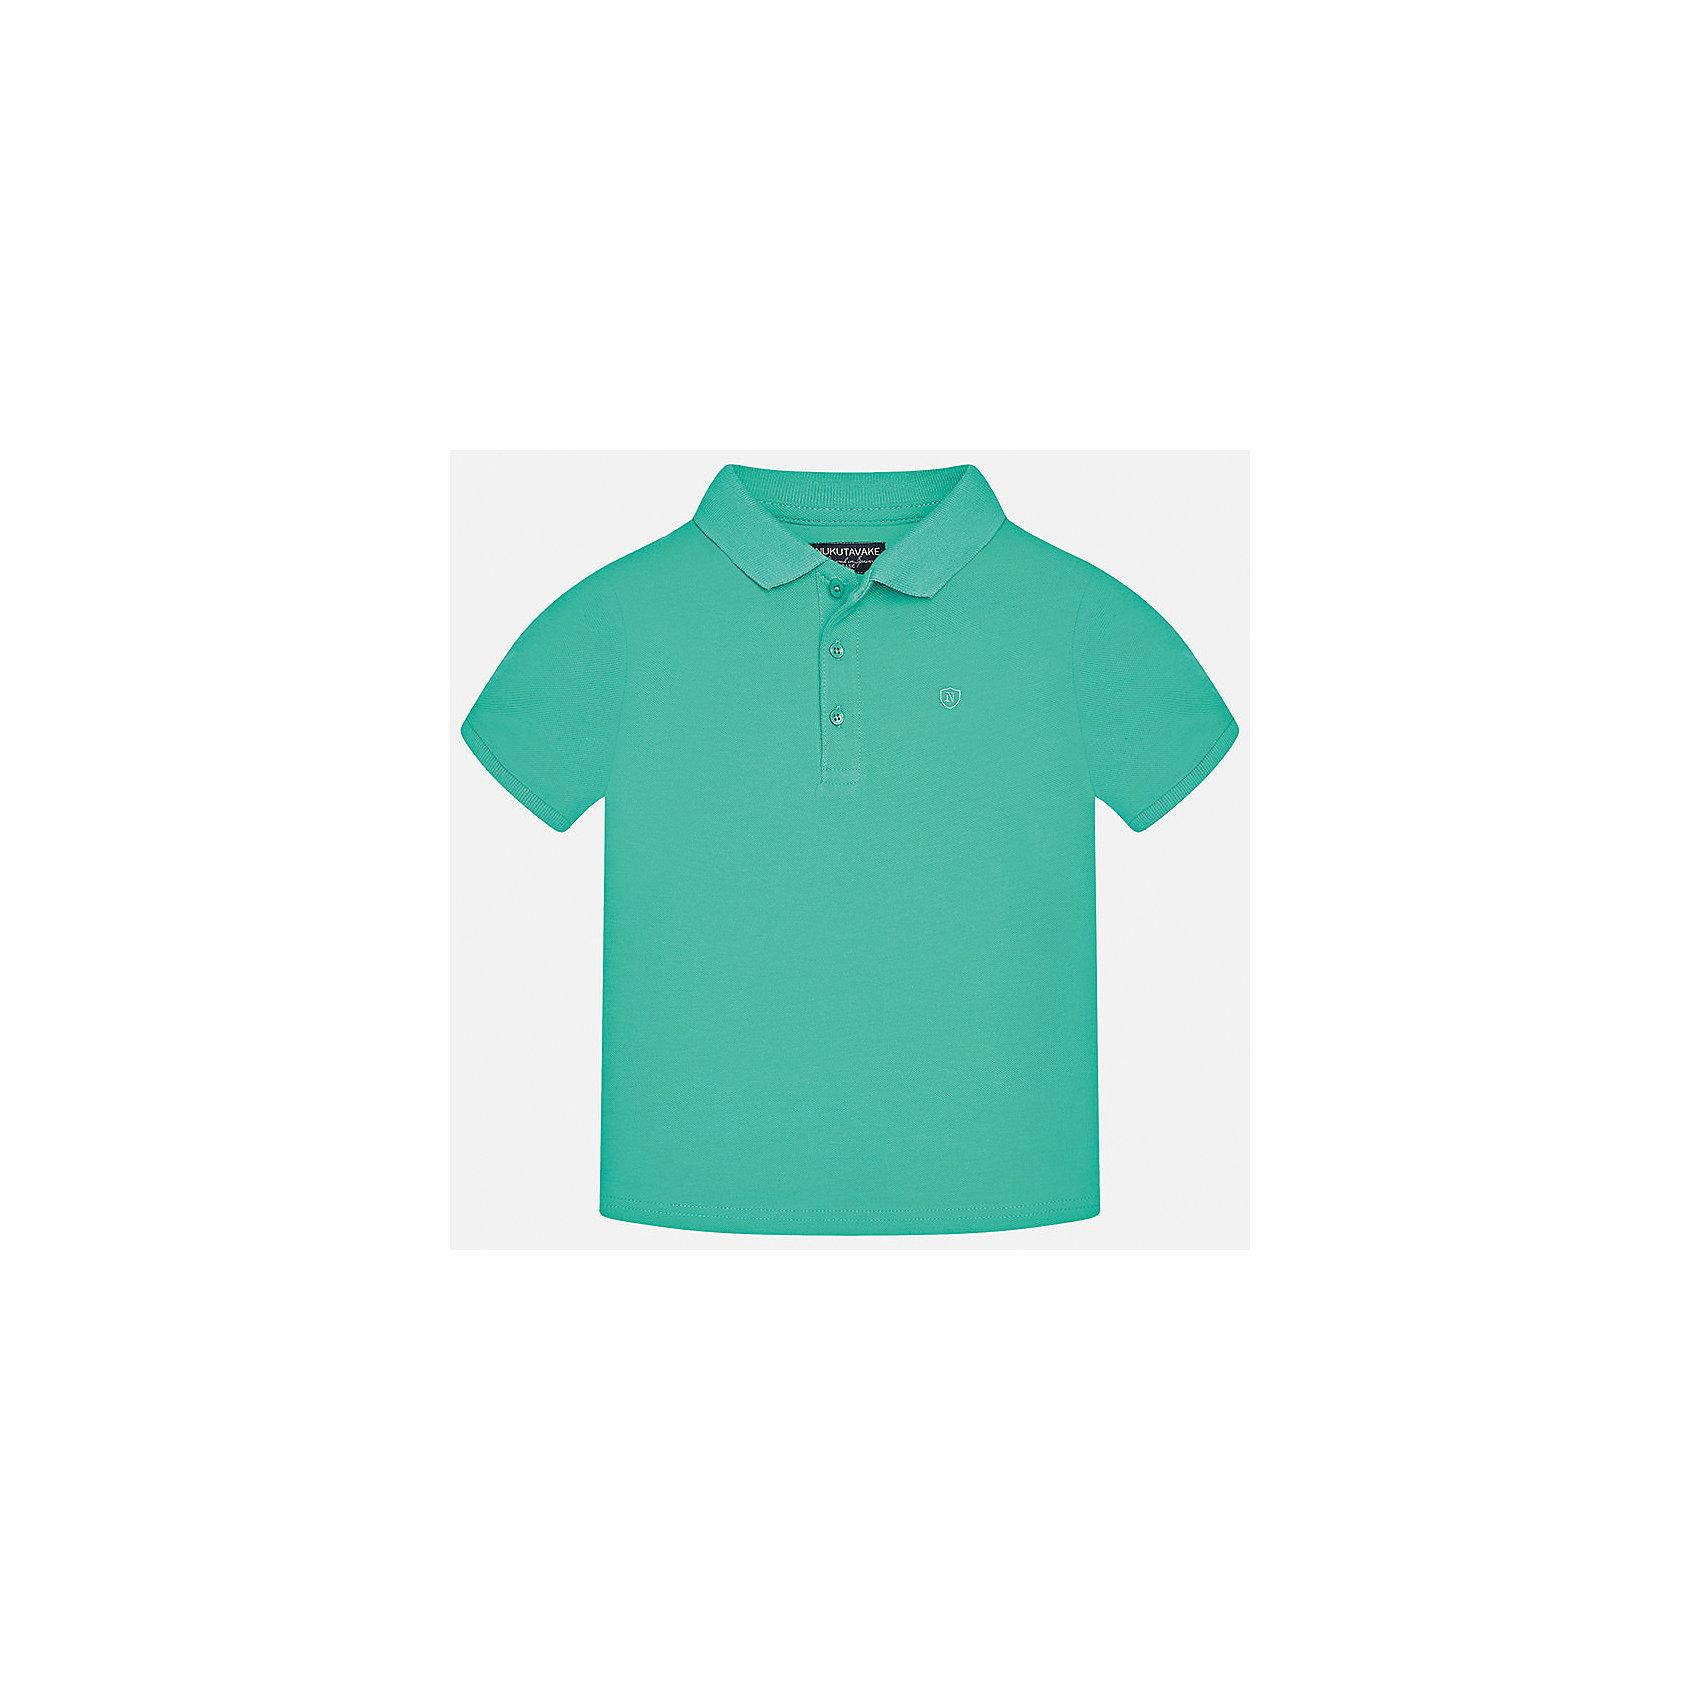 Футболка-поло для мальчика MayoralФутболки, поло и топы<br>Характеристики товара:<br><br>• цвет: зеленый<br>• состав: 100% хлопок<br>• отложной воротник<br>• короткие рукава<br>• застежка: пуговицы<br>• страна бренда: Испания<br><br>Удобная и модная футболка-поло для мальчика может стать базовой вещью в гардеробе ребенка. Она отлично сочетается с брюками, шортами, джинсами и т.д. Универсальный крой и цвет позволяет подобрать к вещи низ разных расцветок. Практичное и стильное изделие! В составе материала - только натуральный хлопок, гипоаллергенный, приятный на ощупь, дышащий.<br><br>Одежда, обувь и аксессуары от испанского бренда Mayoral полюбились детям и взрослым по всему миру. Модели этой марки - стильные и удобные. Для их производства используются только безопасные, качественные материалы и фурнитура. Порадуйте ребенка модными и красивыми вещами от Mayoral! <br><br>Футболку-поло для мальчика от испанского бренда Mayoral (Майорал) можно купить в нашем интернет-магазине.<br><br>Ширина мм: 230<br>Глубина мм: 40<br>Высота мм: 220<br>Вес г: 250<br>Цвет: зеленый<br>Возраст от месяцев: 156<br>Возраст до месяцев: 168<br>Пол: Мужской<br>Возраст: Детский<br>Размер: 170,140,158,152,128/134,164<br>SKU: 5278342